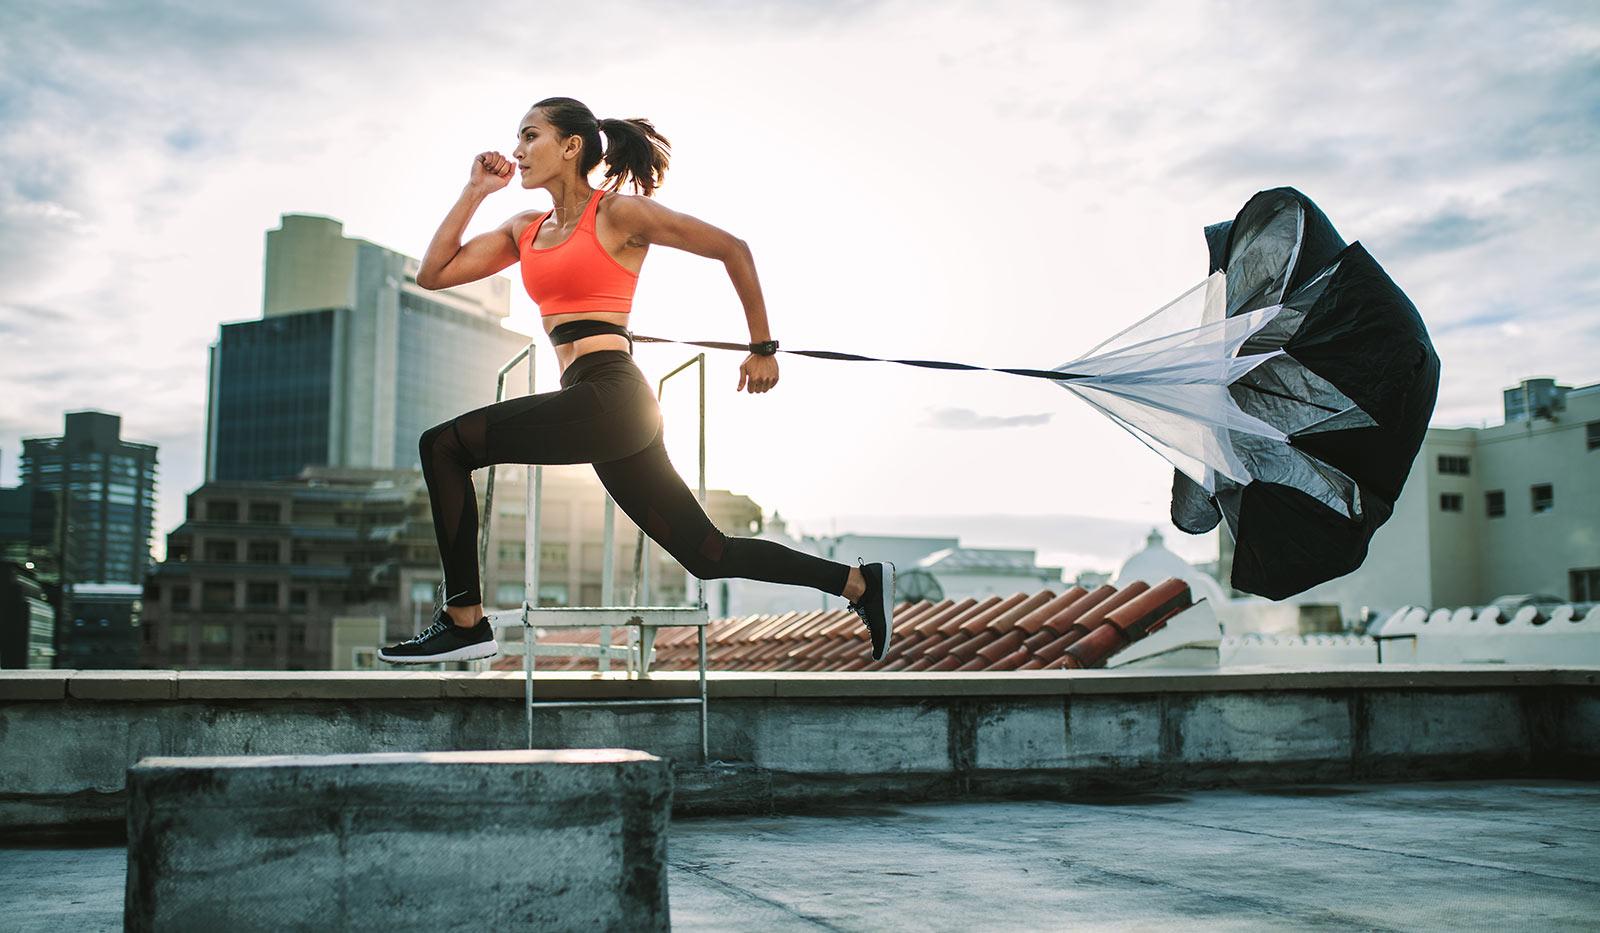 ¿Cómo mejorar el estado de los músculos? – Entrenamiento y nutrición